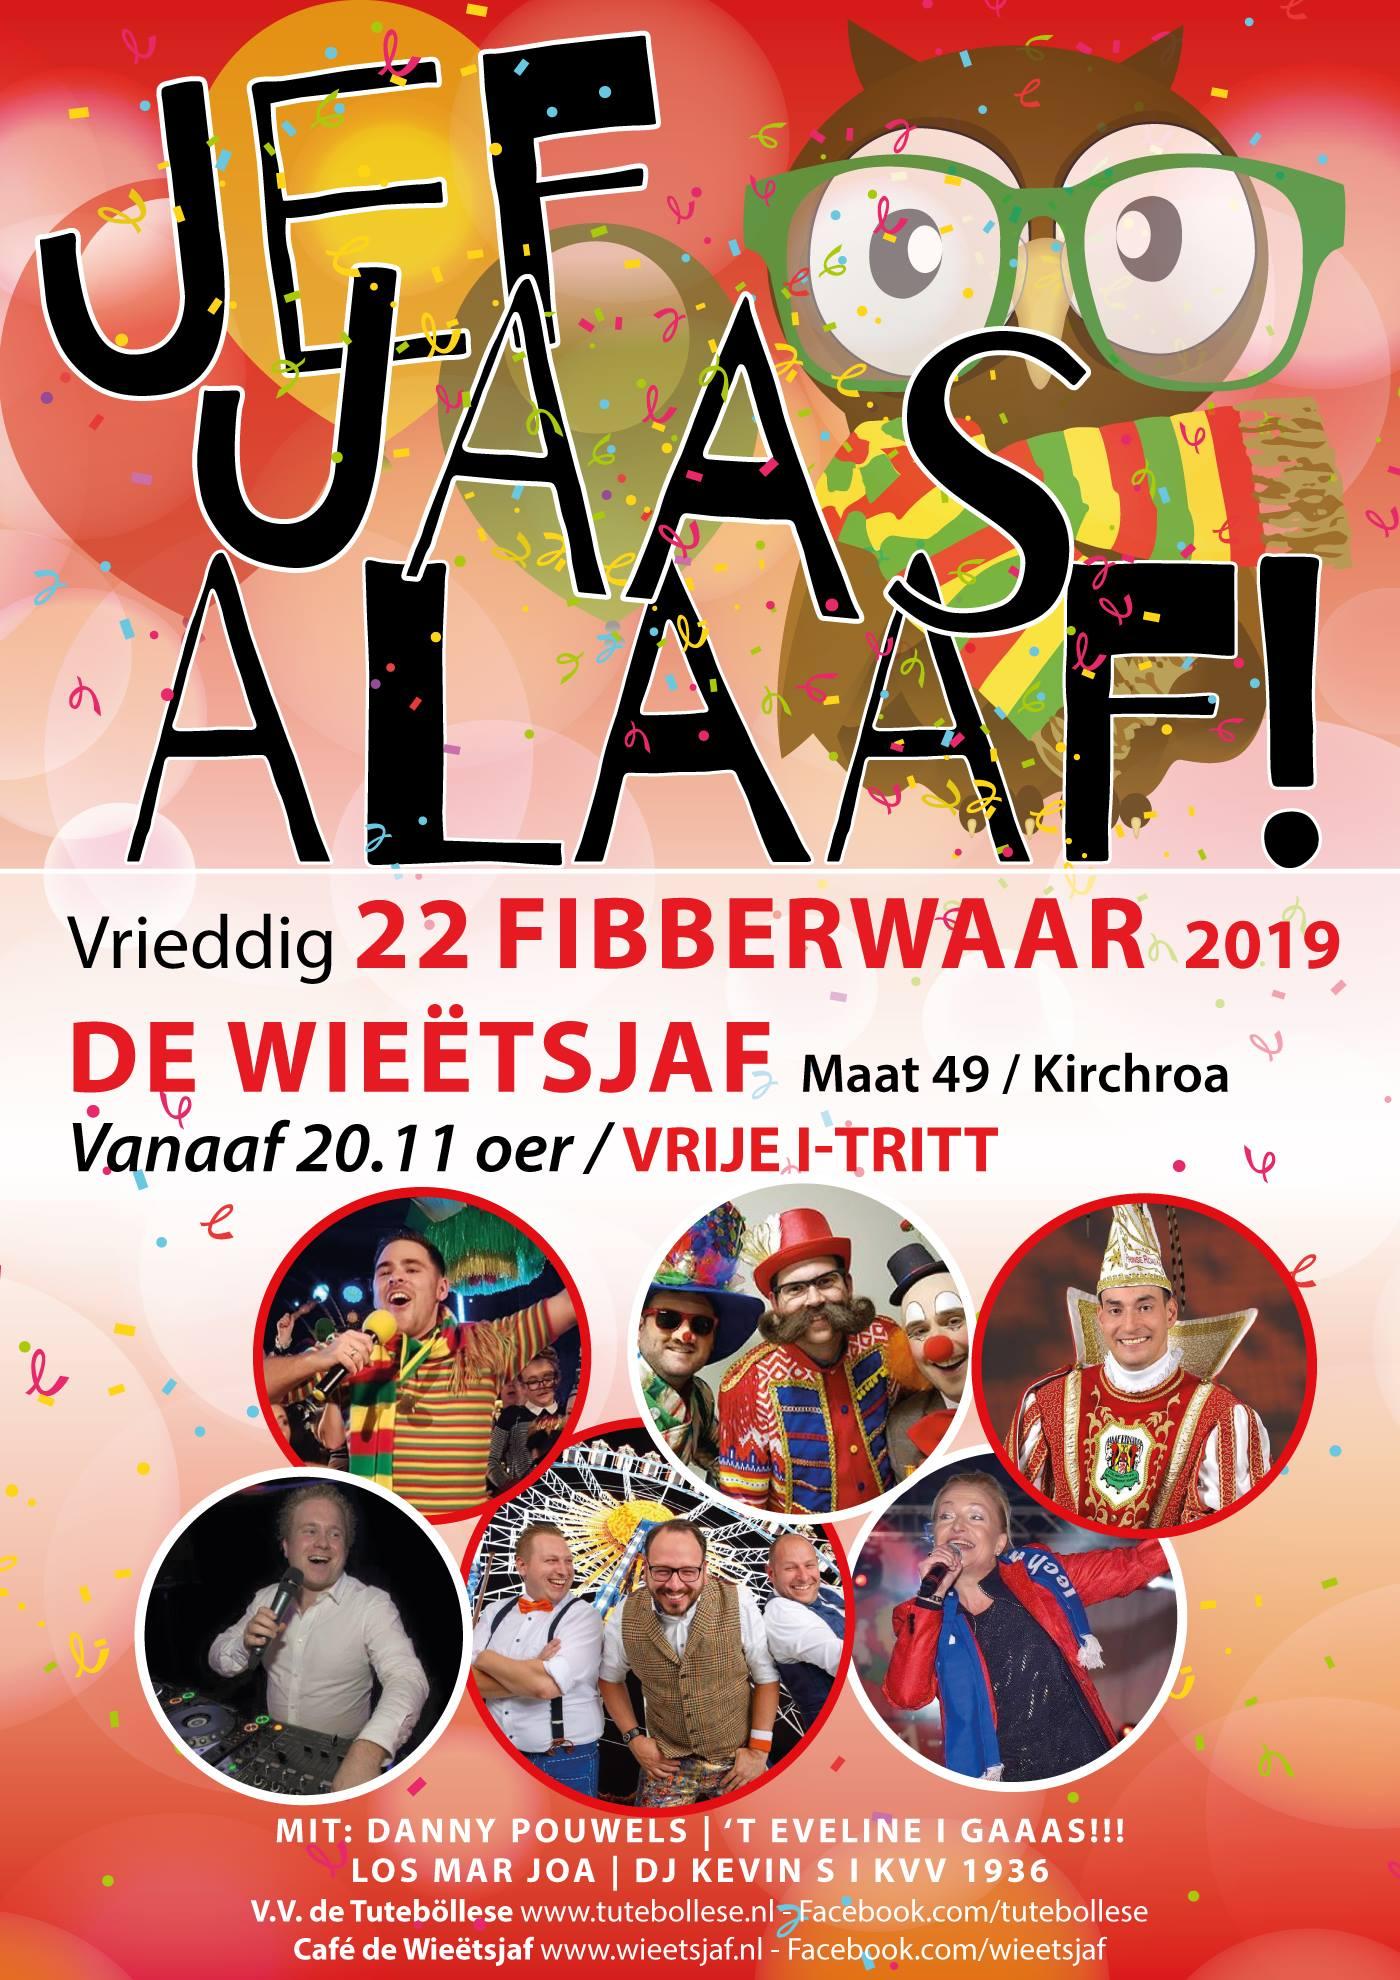 Jef Jaas Alaaf 2019